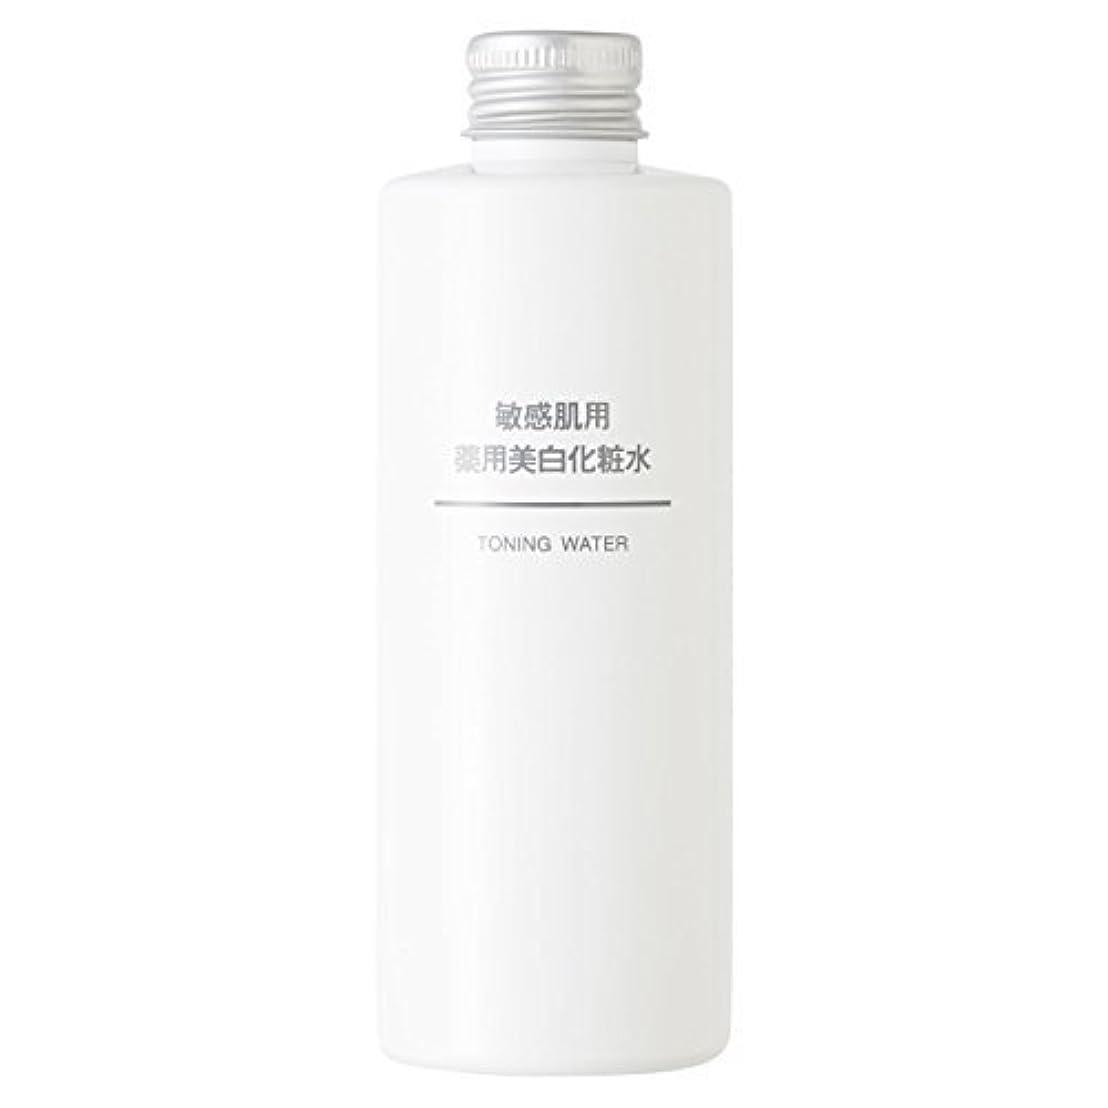 宿泊徹底的に自由無印良品 敏感肌用 薬用美白化粧水 (新)200ml